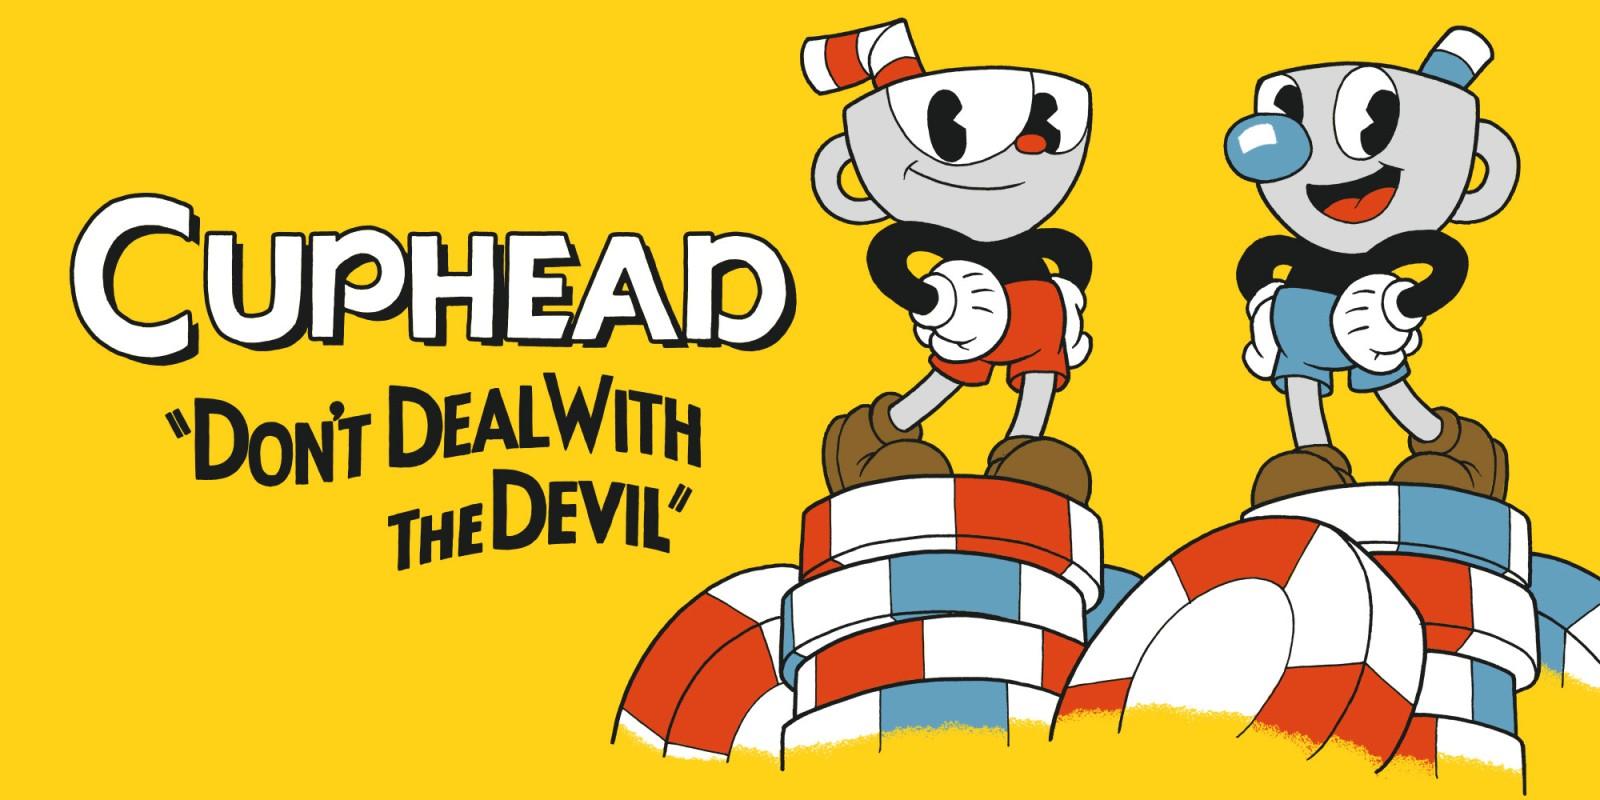 Cuphead: in arrivo la serie TV animata su Netflix